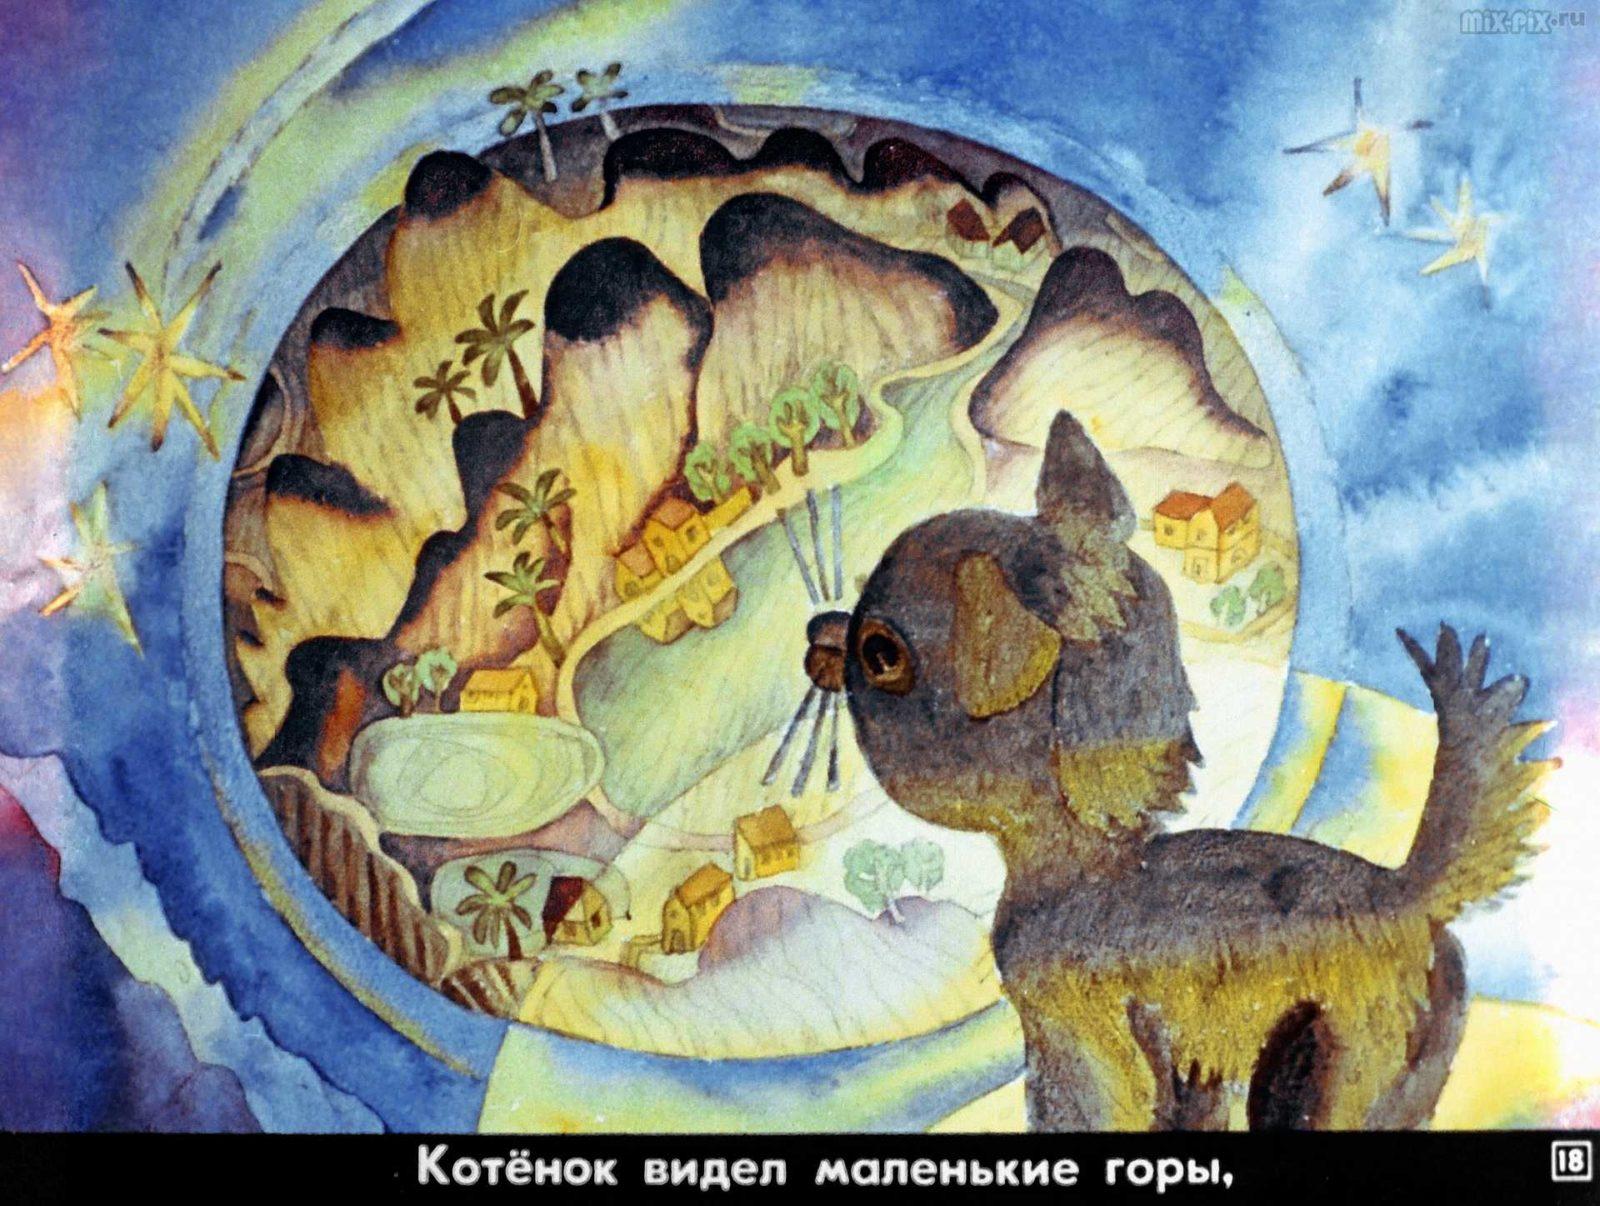 Сказка про лунный свет (1991) 36